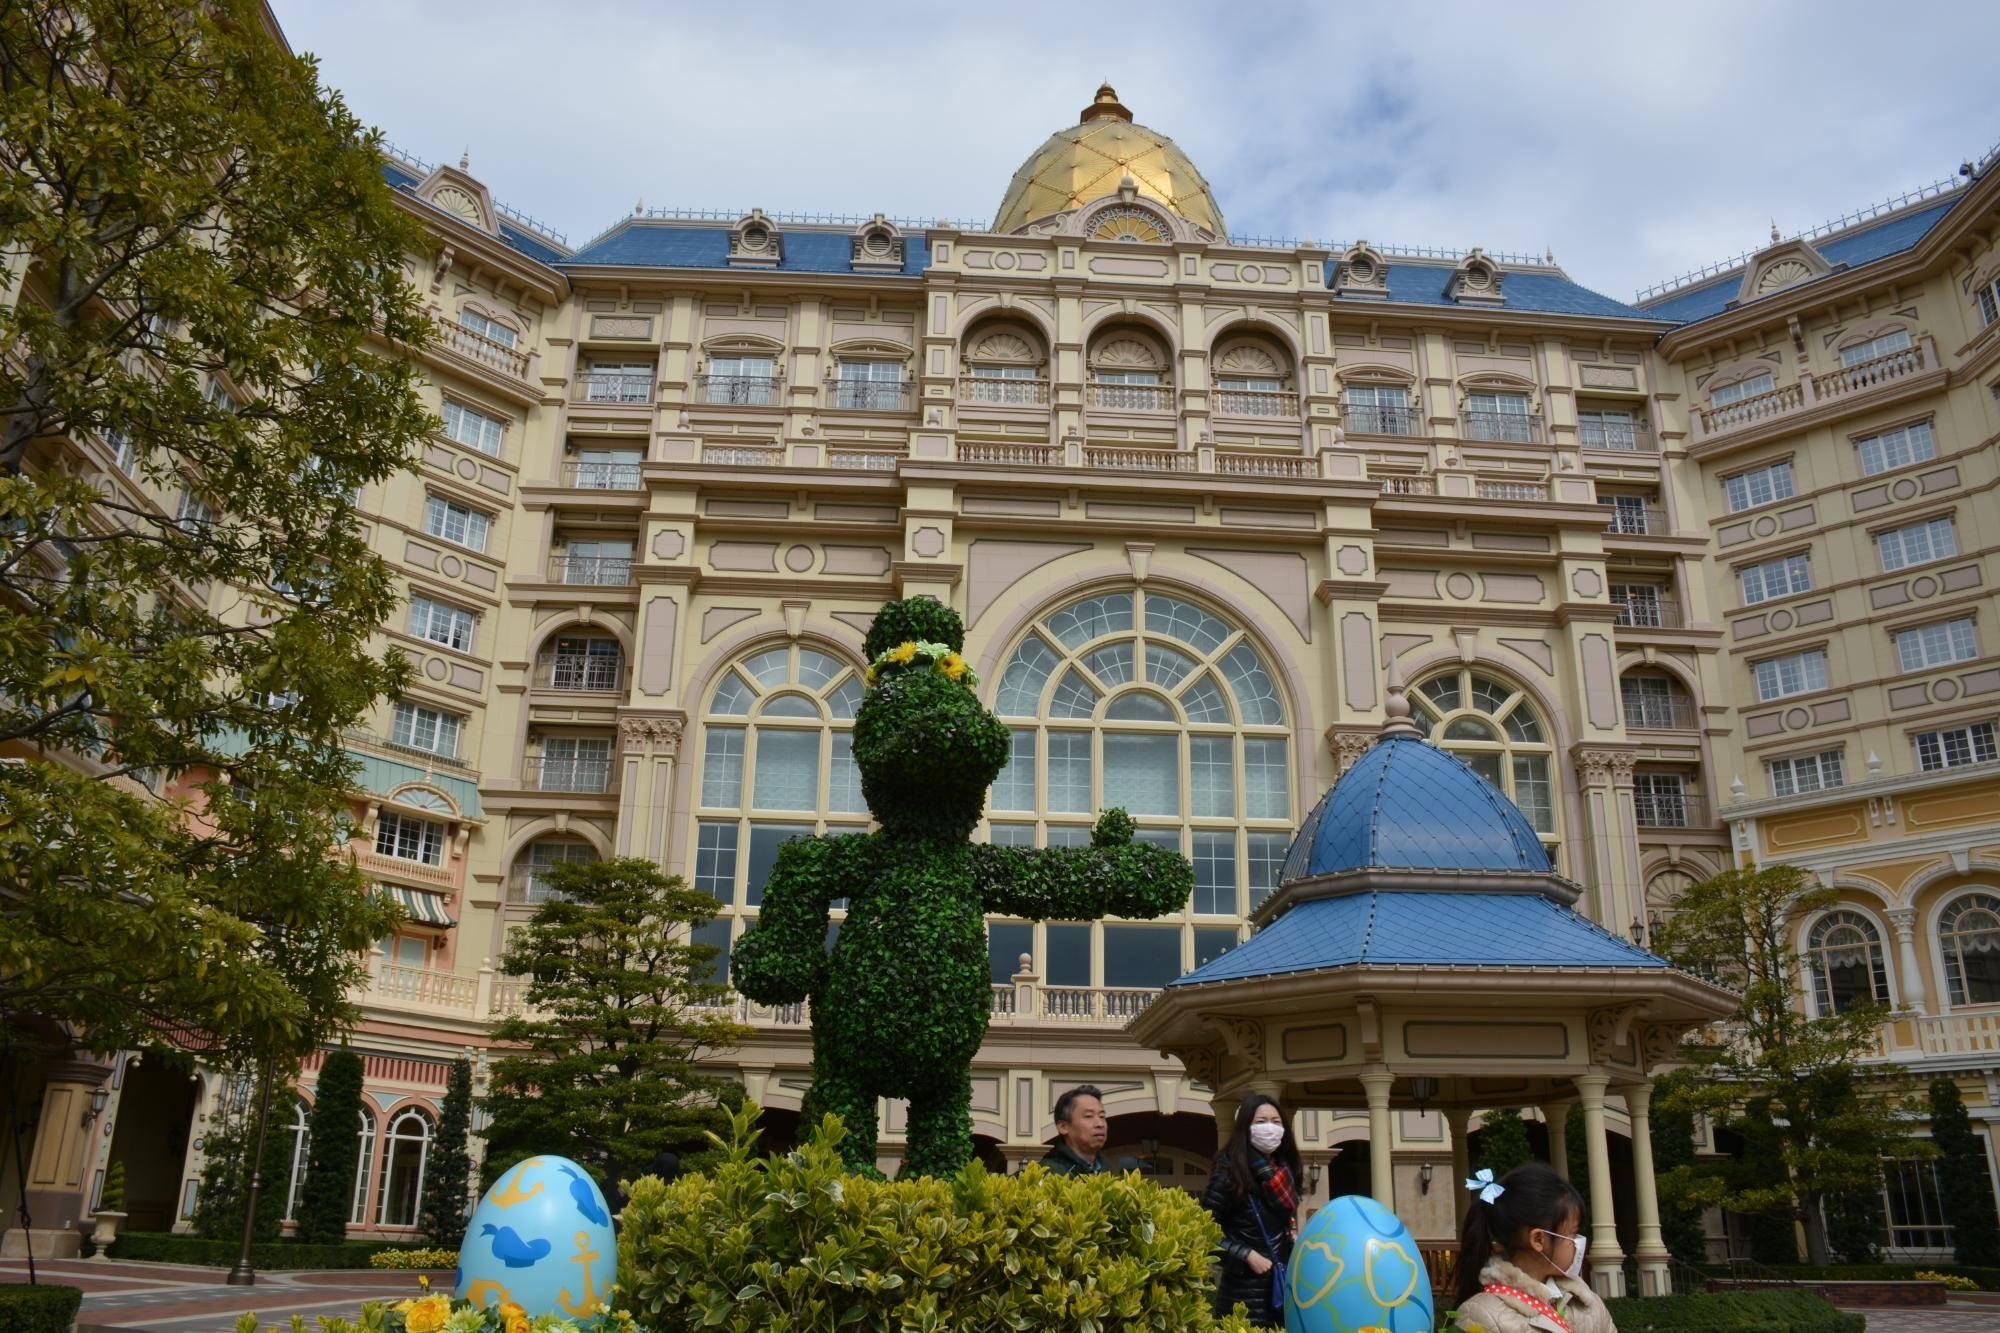 東京ディズニーランドホテルのレストランや宿泊者限定のプールなど